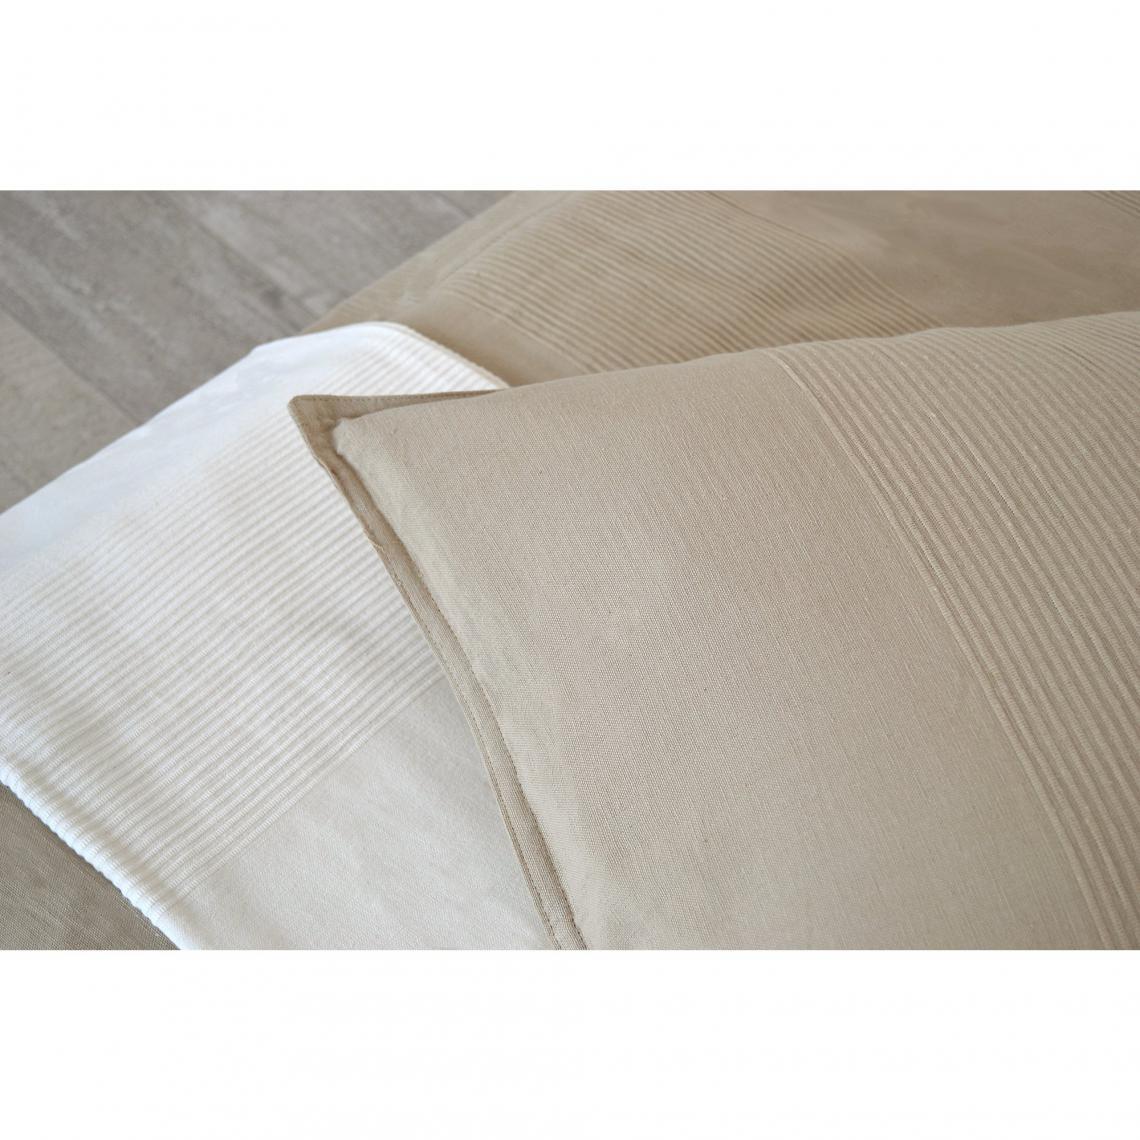 parure couvre lit 1 ou 2 personnes 300 gr m2 ottoman 3 suisses. Black Bedroom Furniture Sets. Home Design Ideas